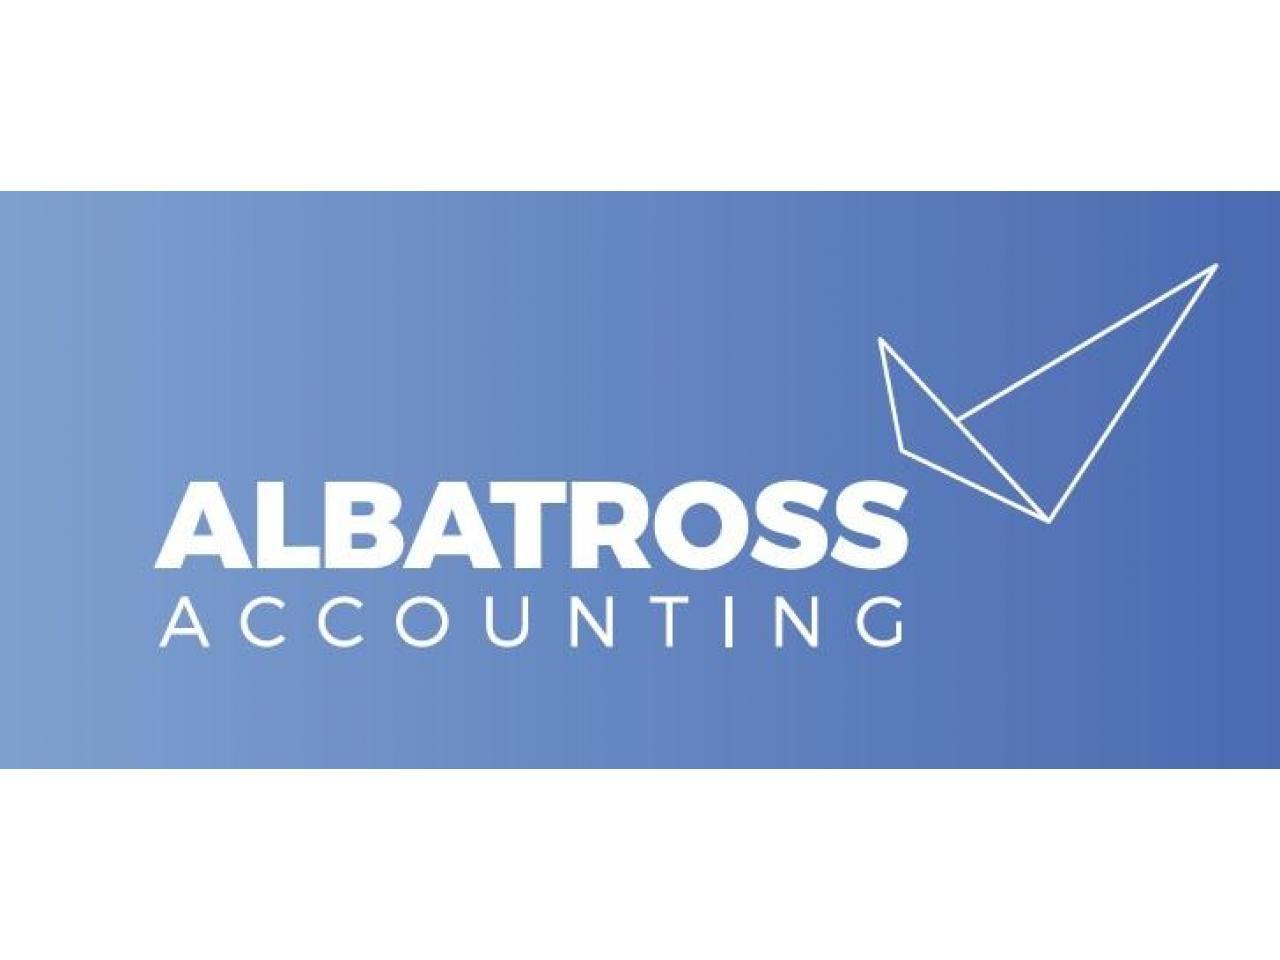 Все виды бухгалтерских услуг - Albatross Accounting - 1